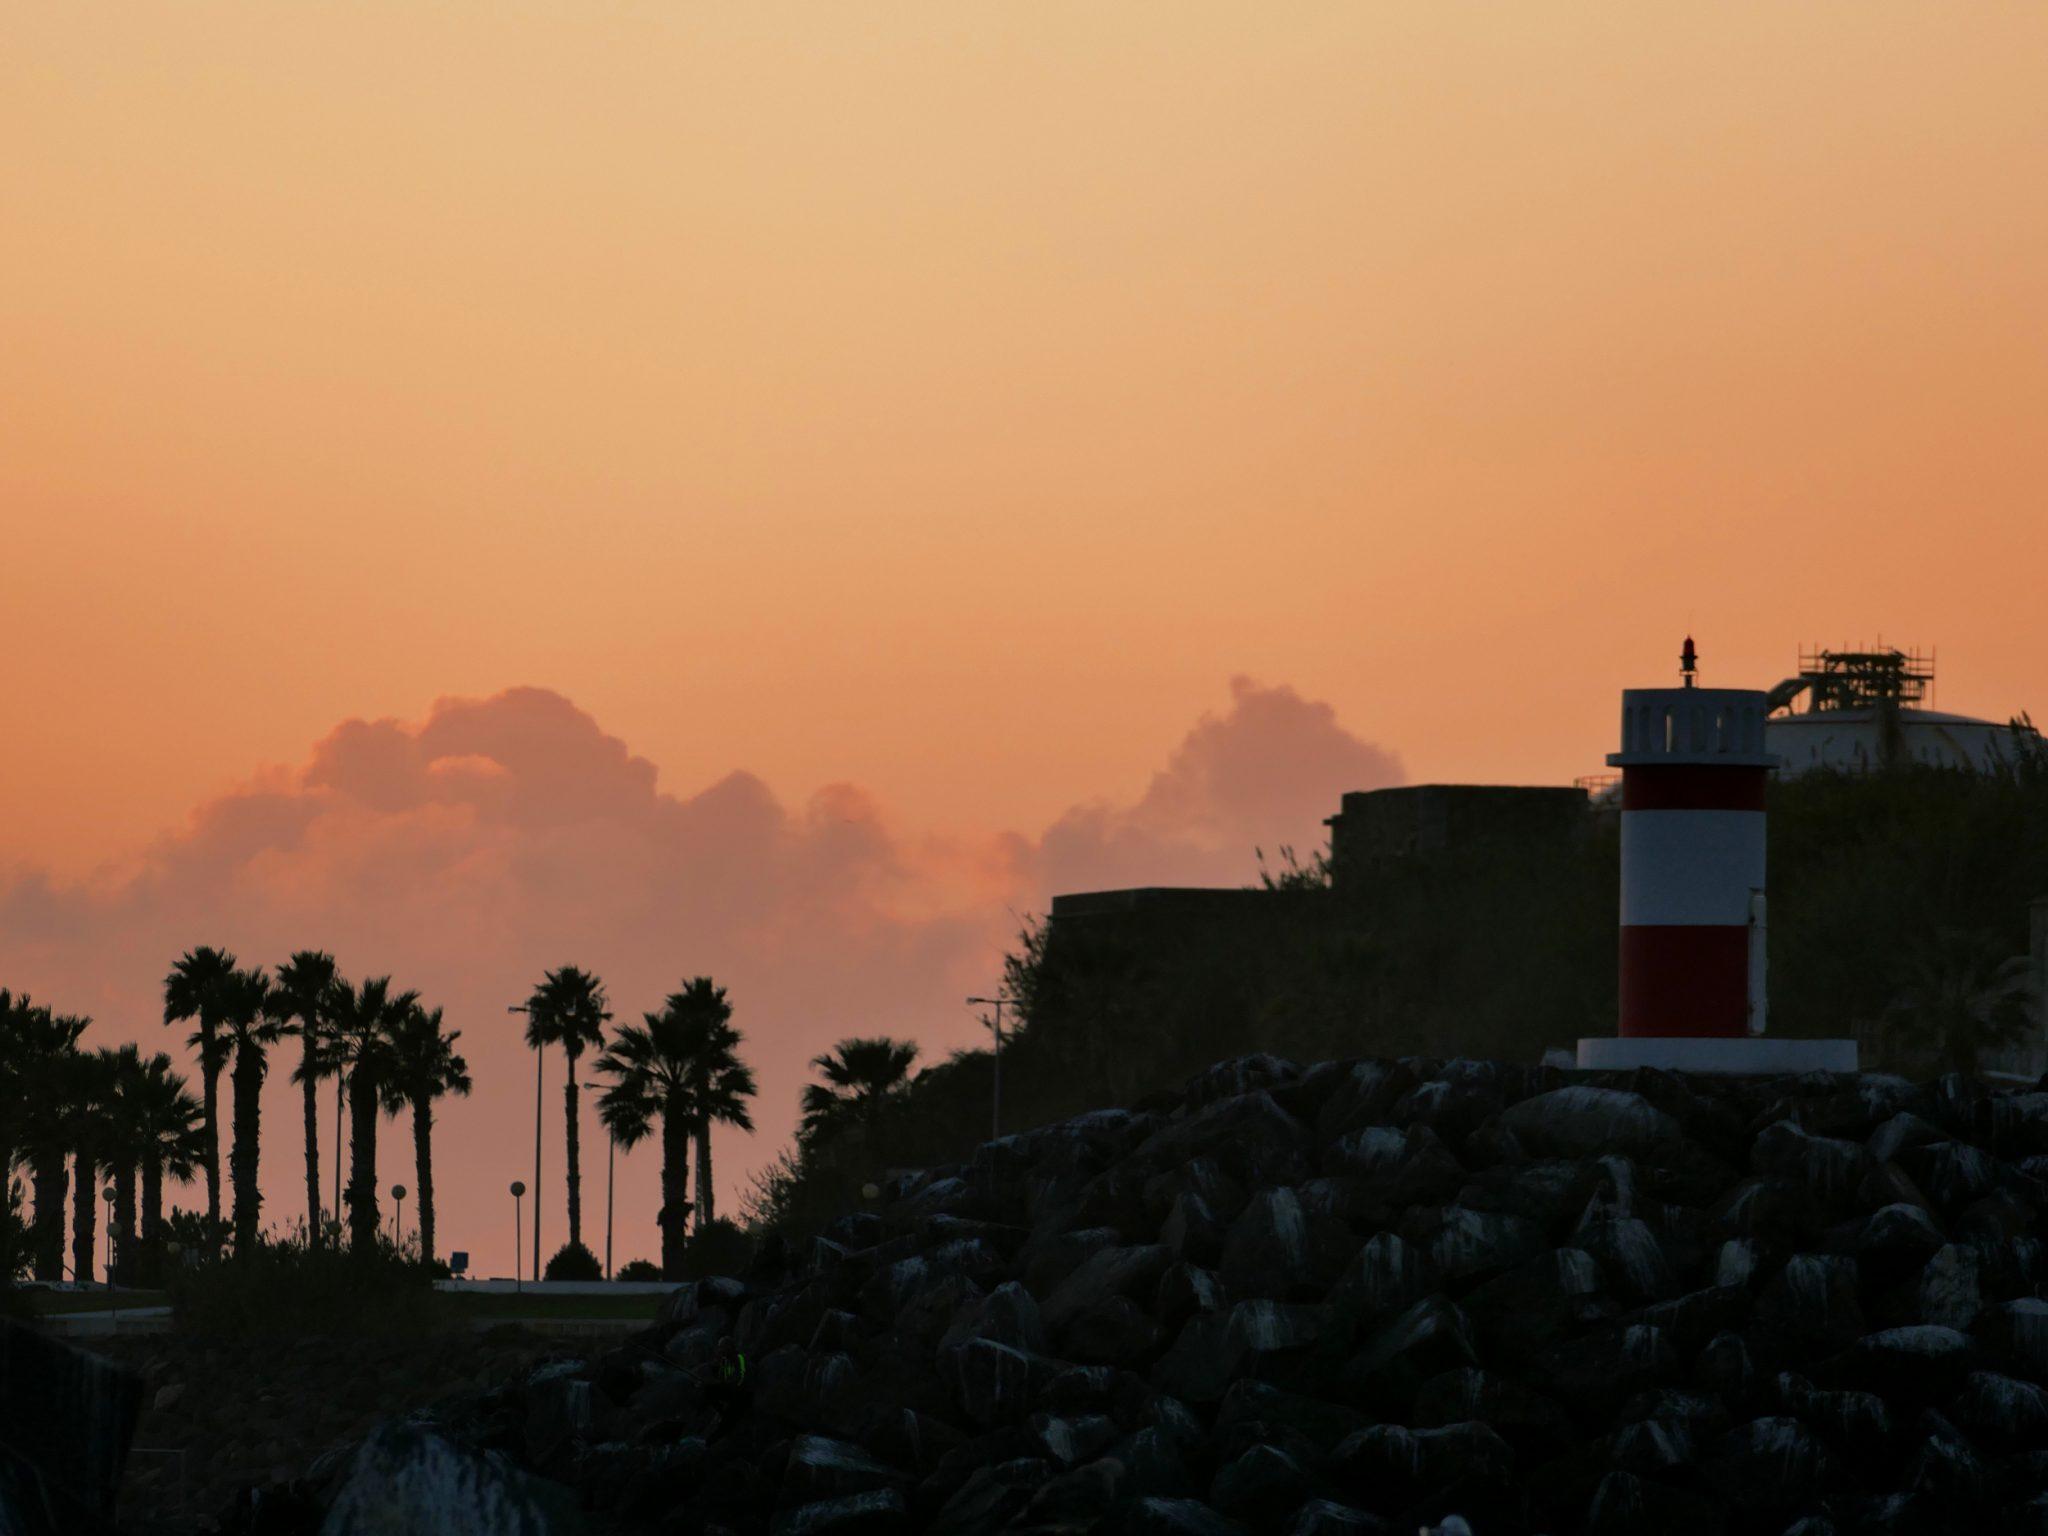 Sonnenuntergangskitsch